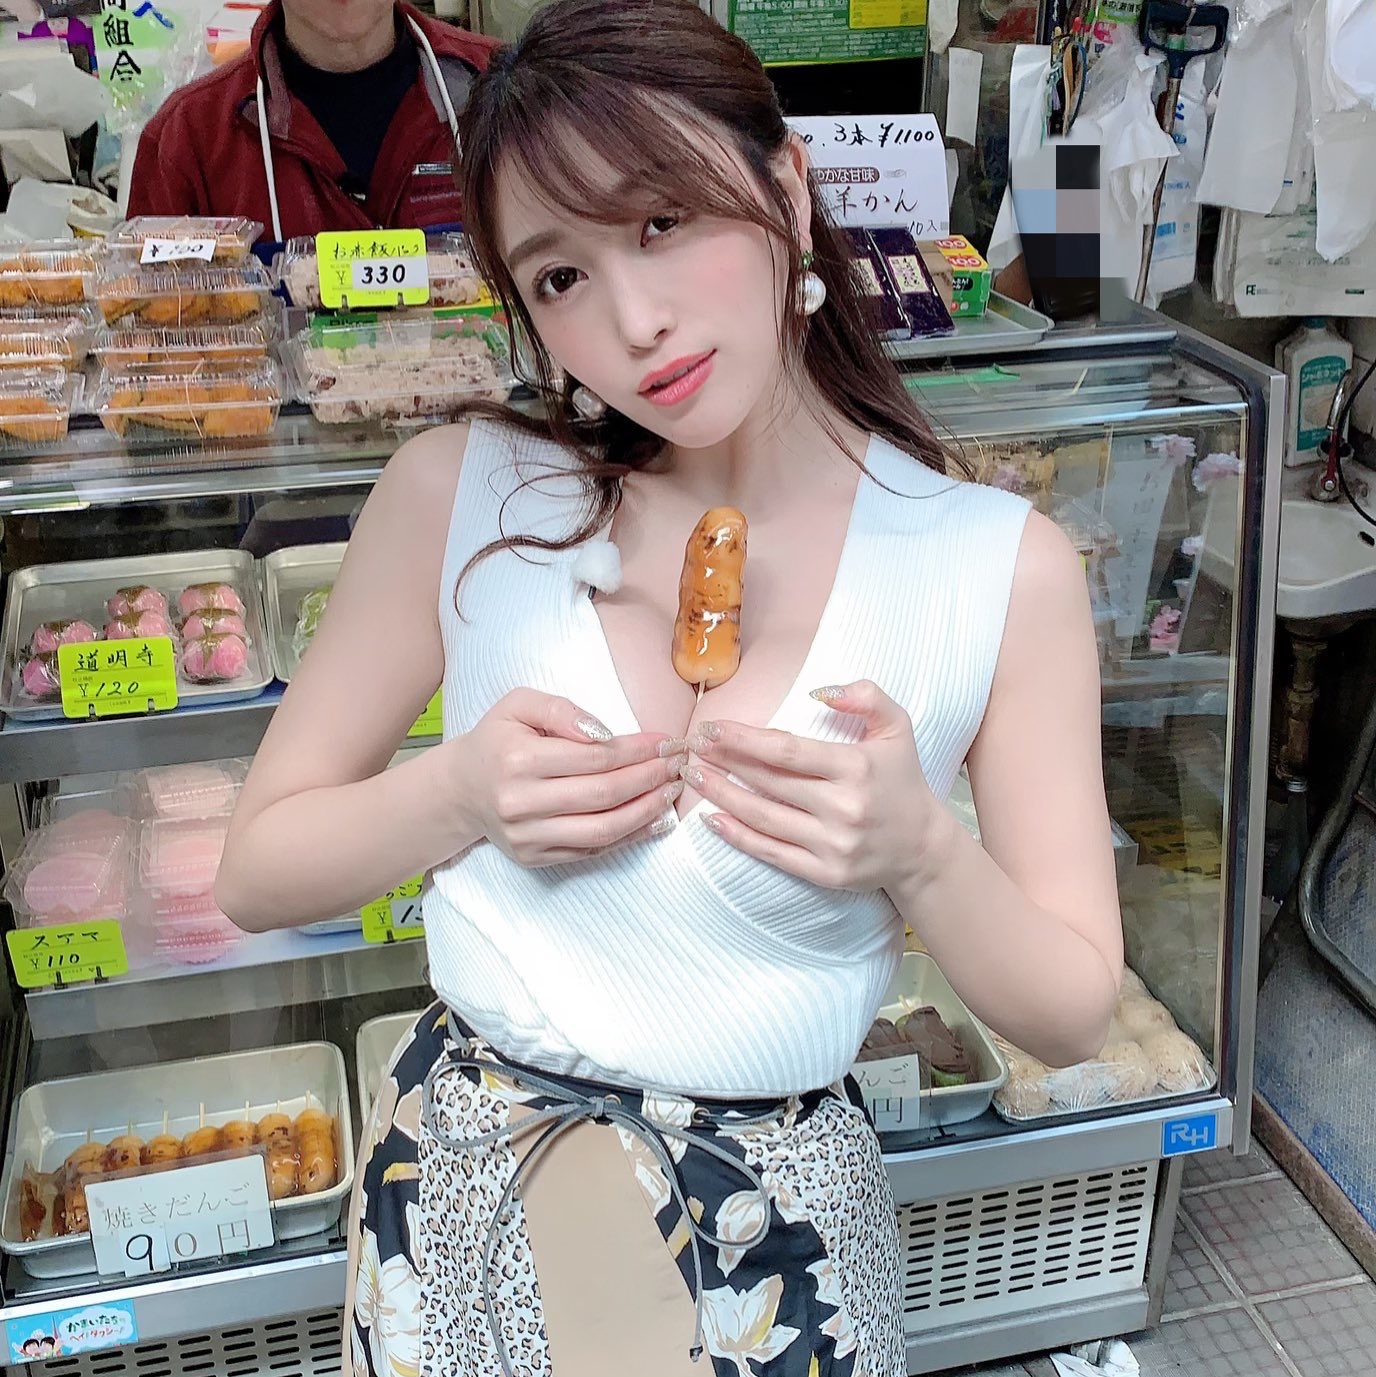 【画像】巨乳グラドル、和菓子屋さんの団子で卑猥な遊びをしてしまうw